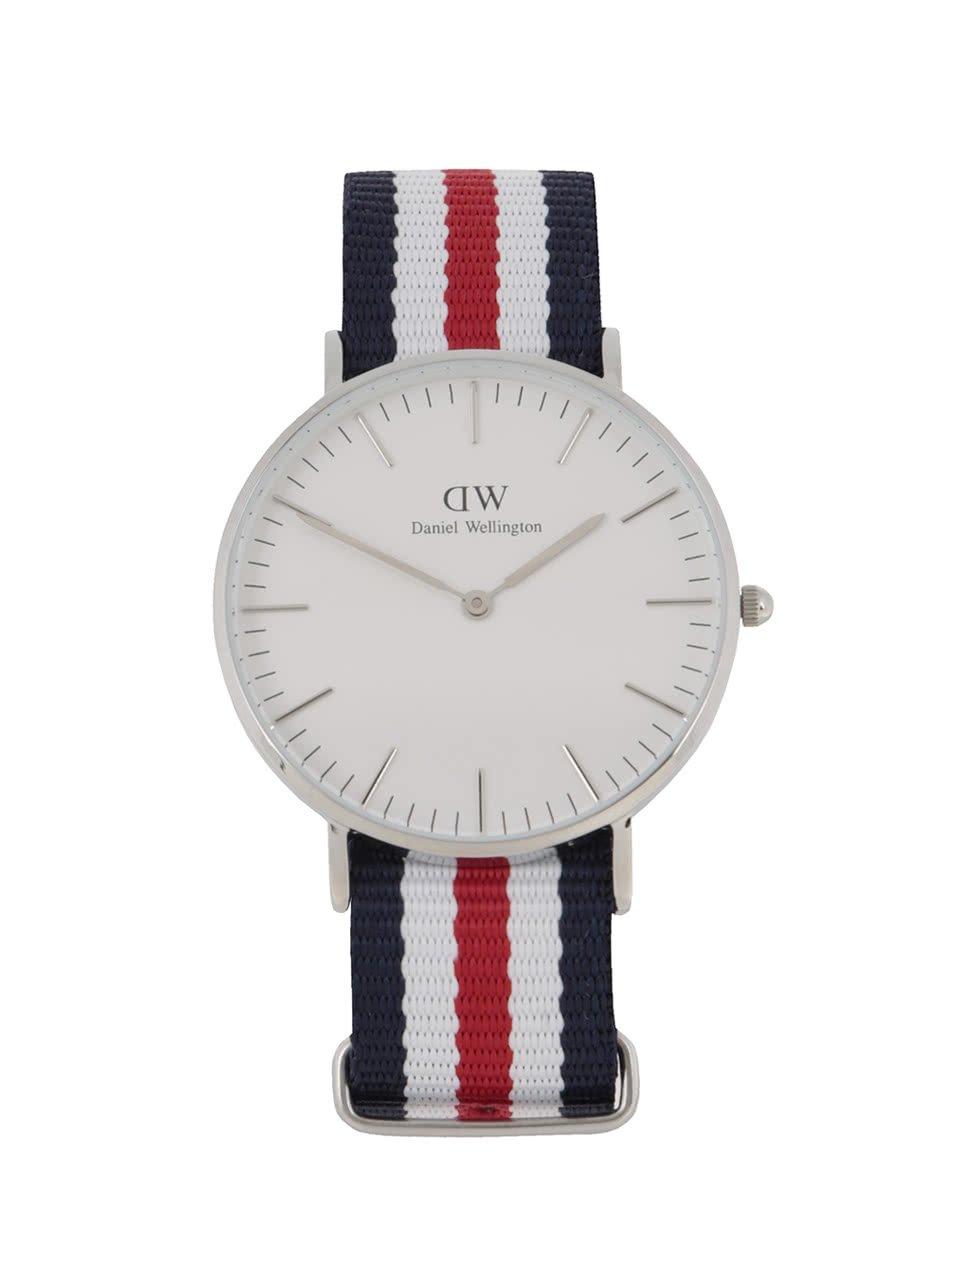 Dámské hodinky ve stříbrné barvě s červeno-bílo-modrým textilním páskem CLASSIC Cantebury Daniel Wellington